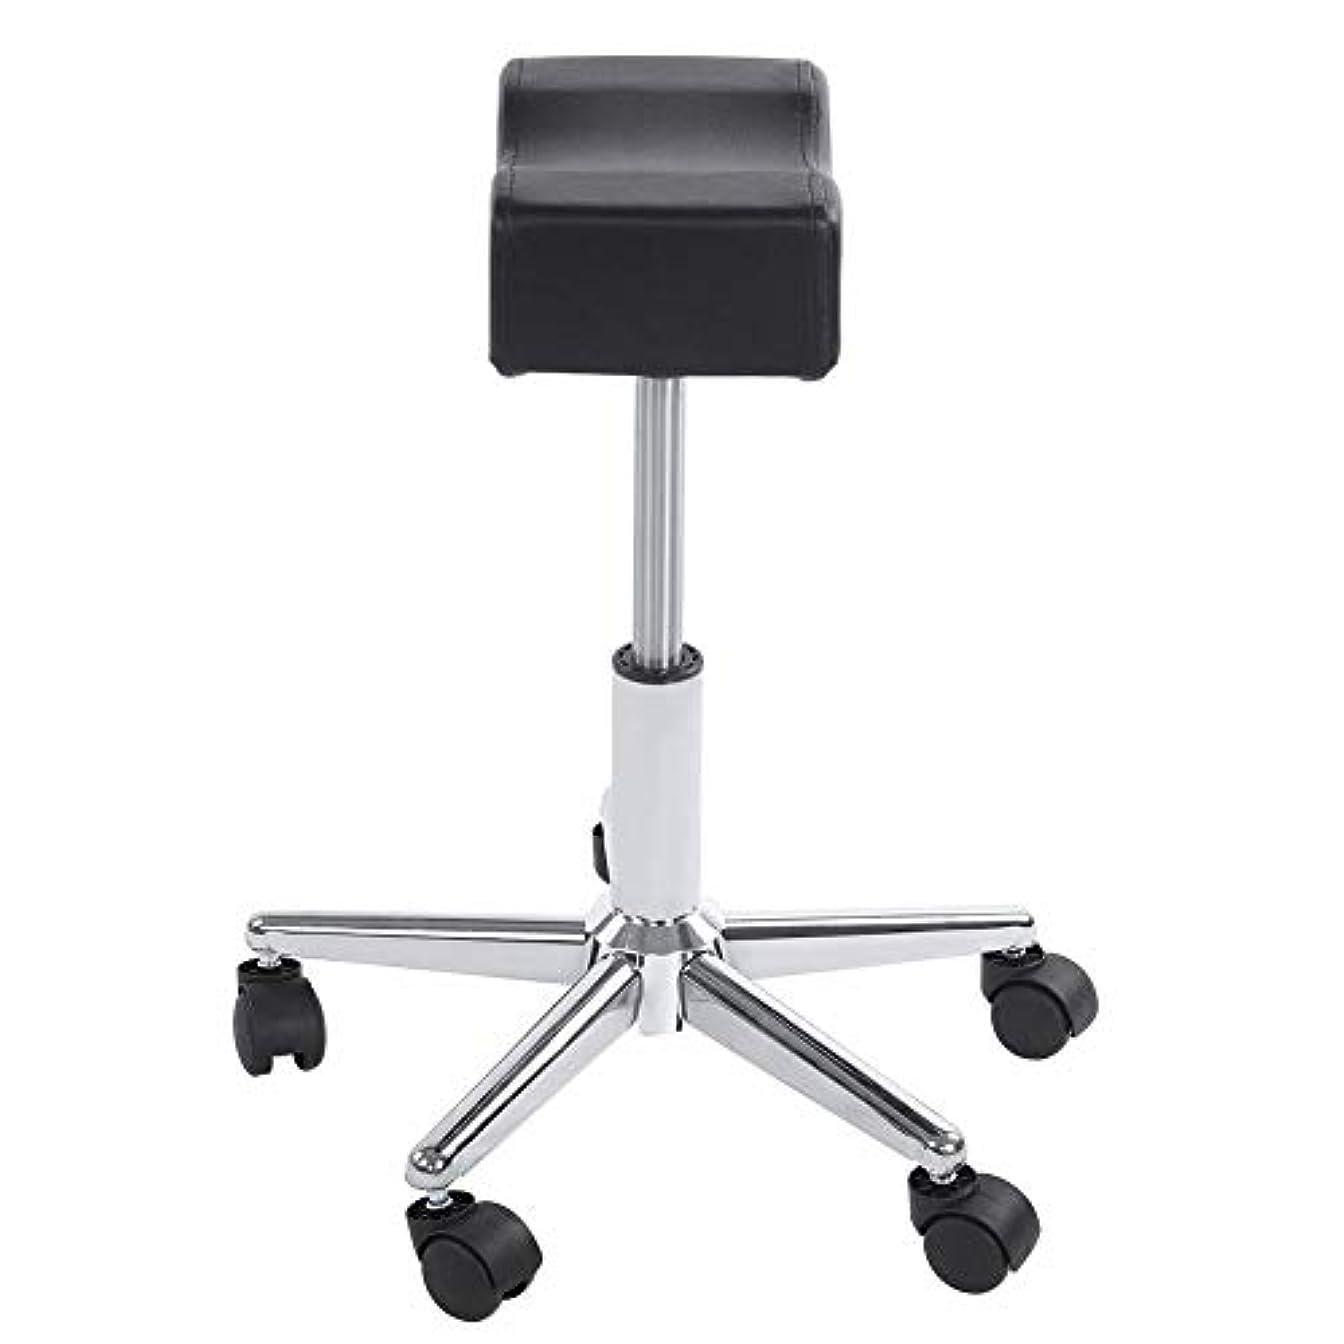 超音速ドラマ通路調節可能な椅子、高さ調節可能なローリングチェアホーム用可動ホイール付きの快適なシートクッションスツール